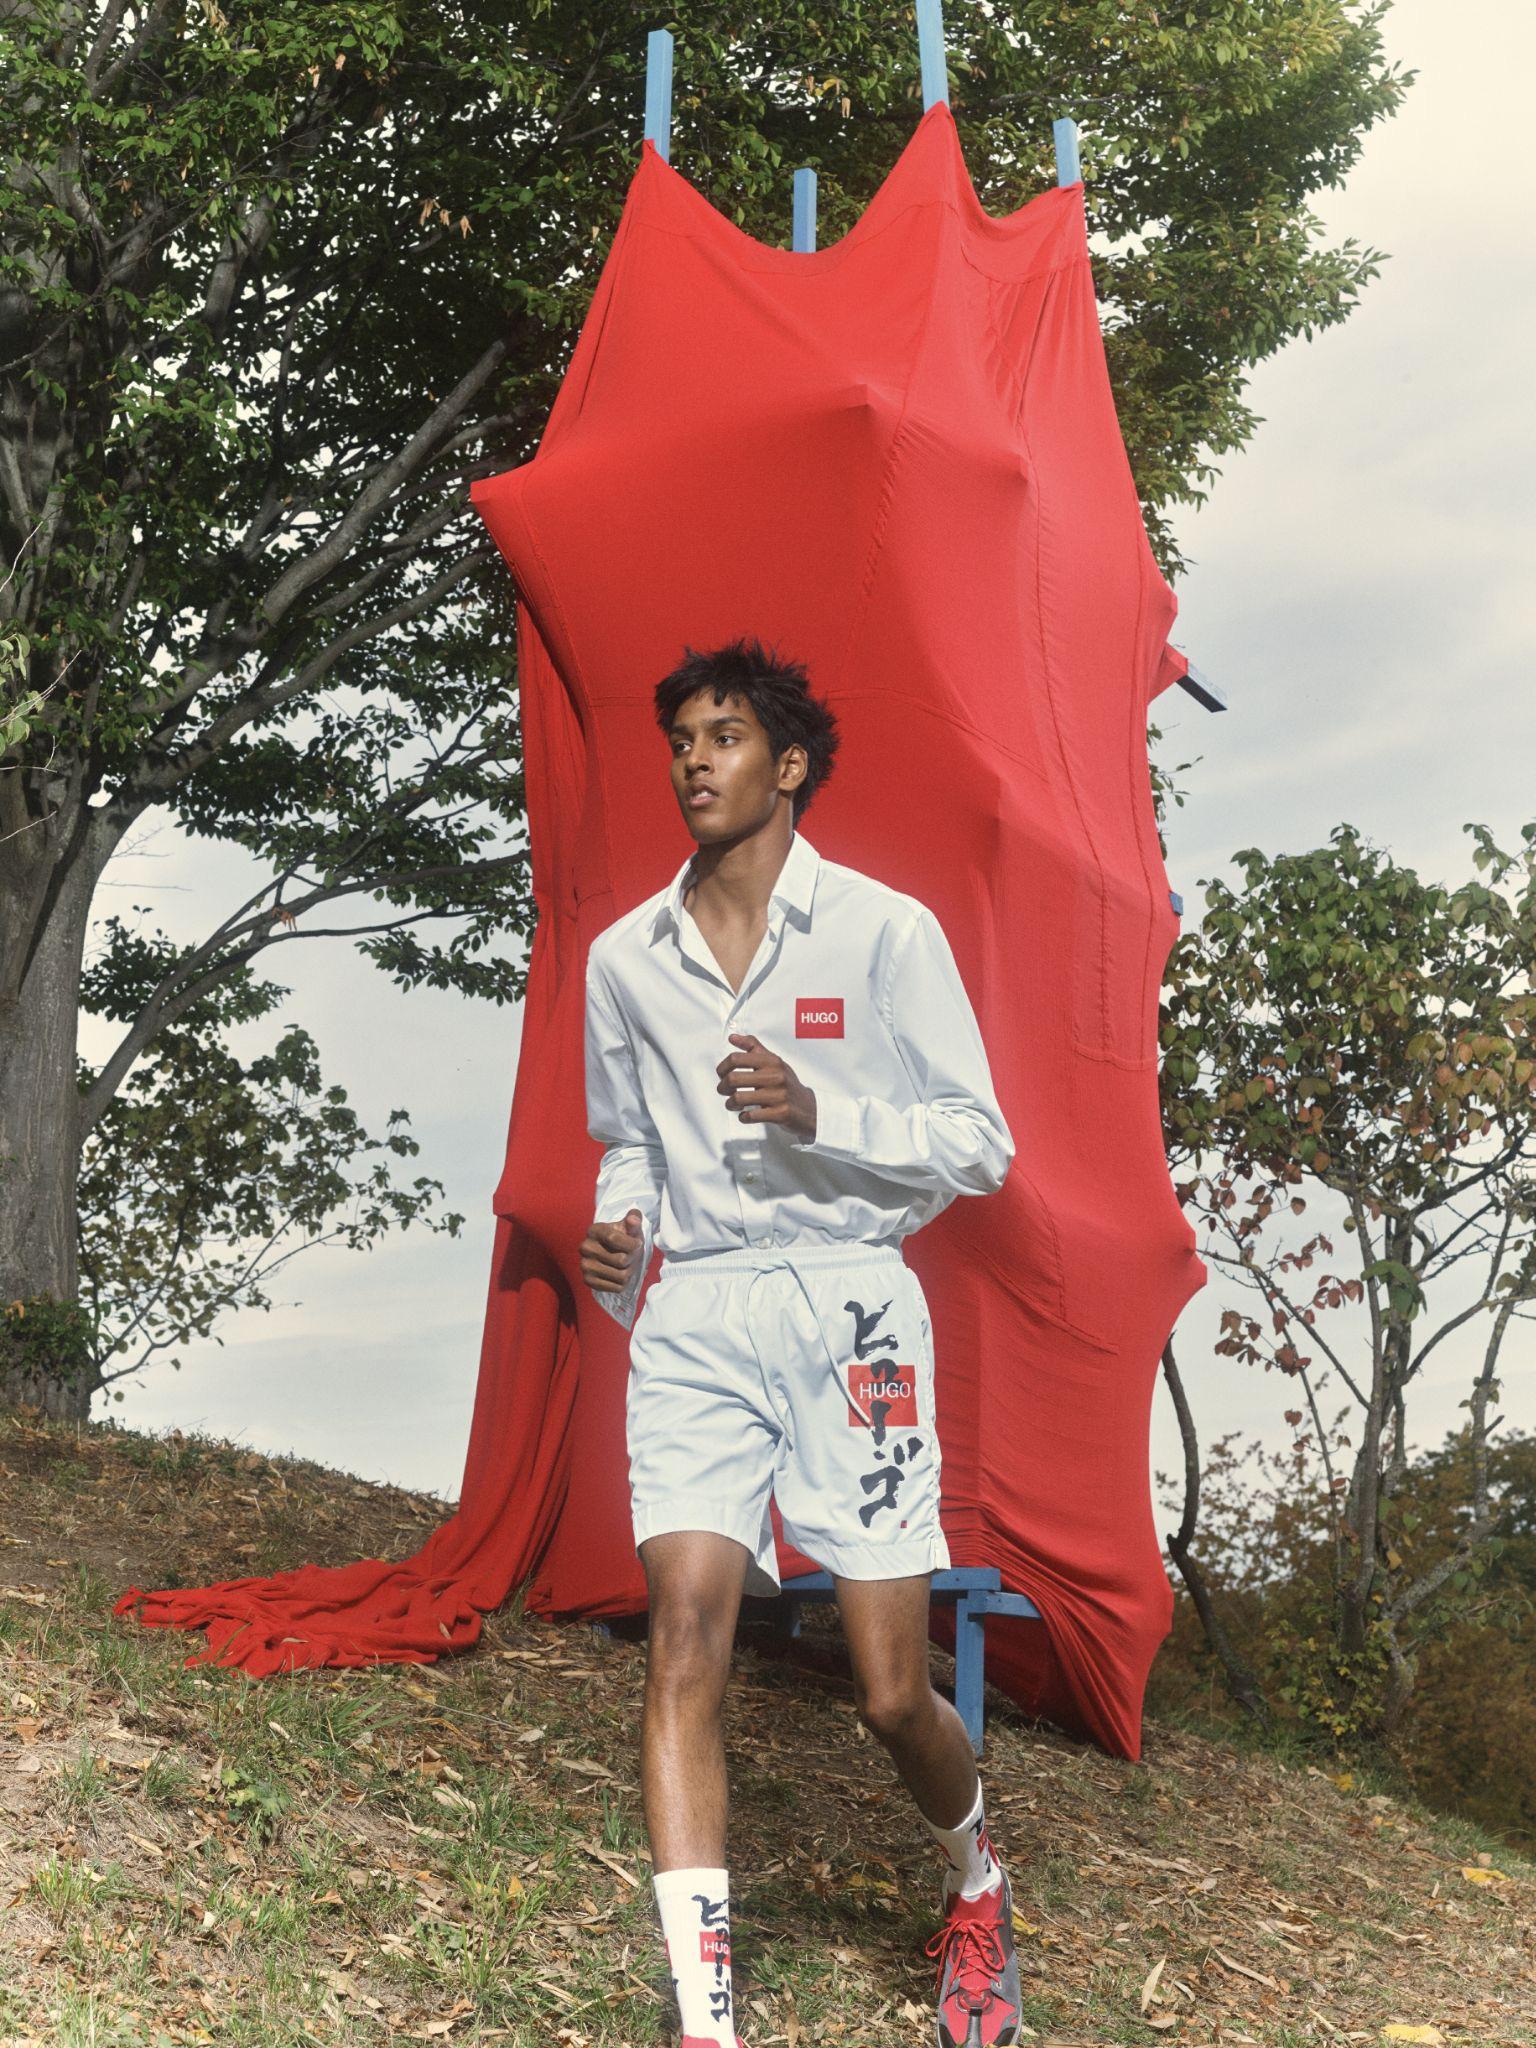 """HUGO cổ vũ văn hóa phản kháng của người trẻ bằng BST Xuân - Hè 2021 """"Neon Tigers"""" - Ảnh 1."""